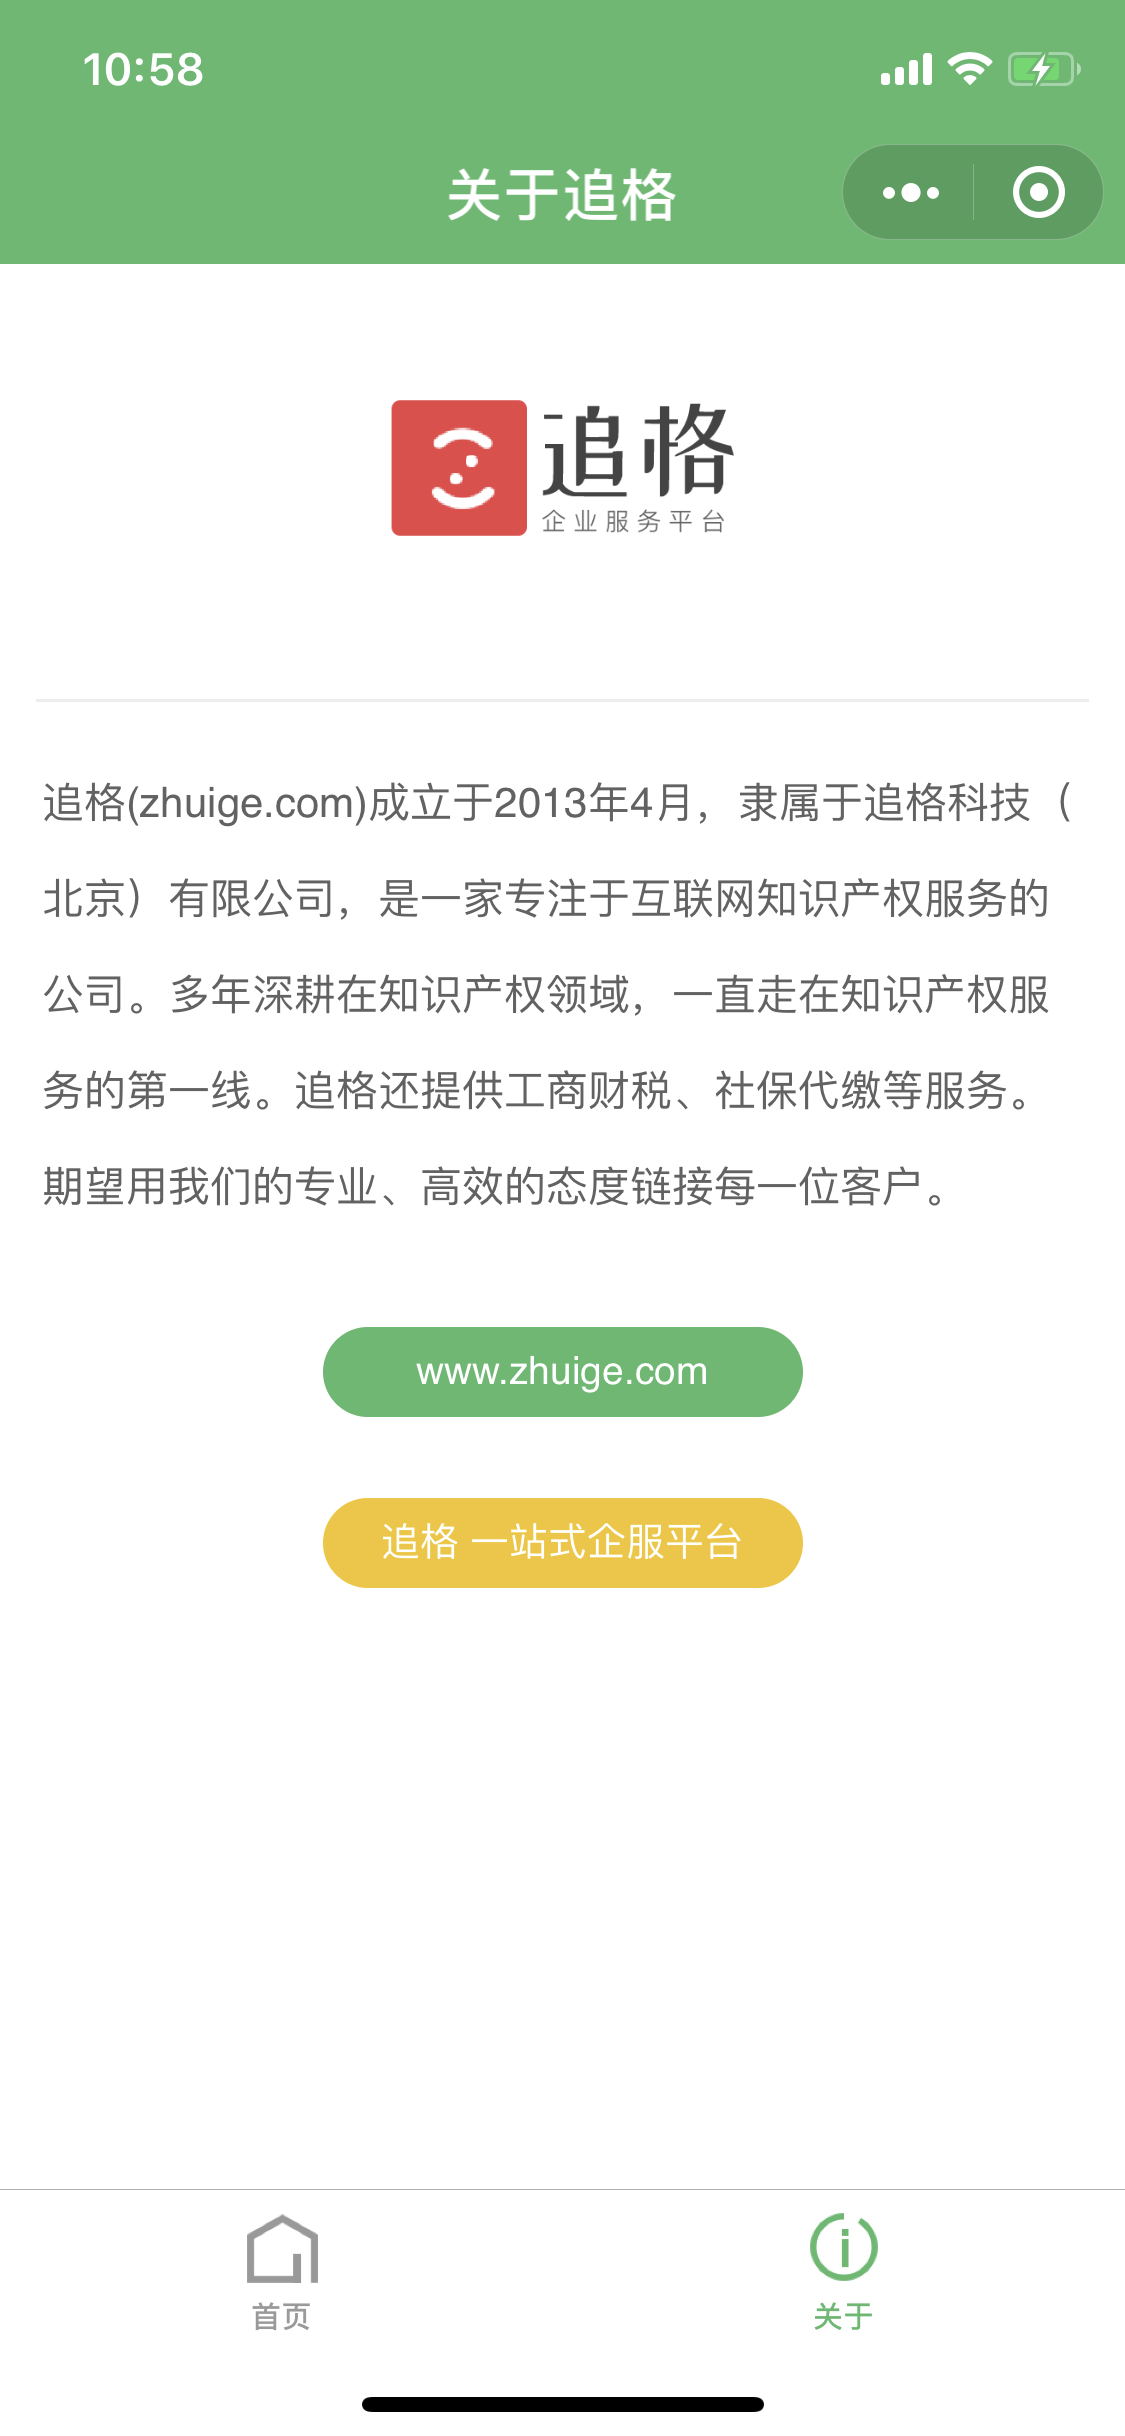 追格丨商标注册商标查询公司注册